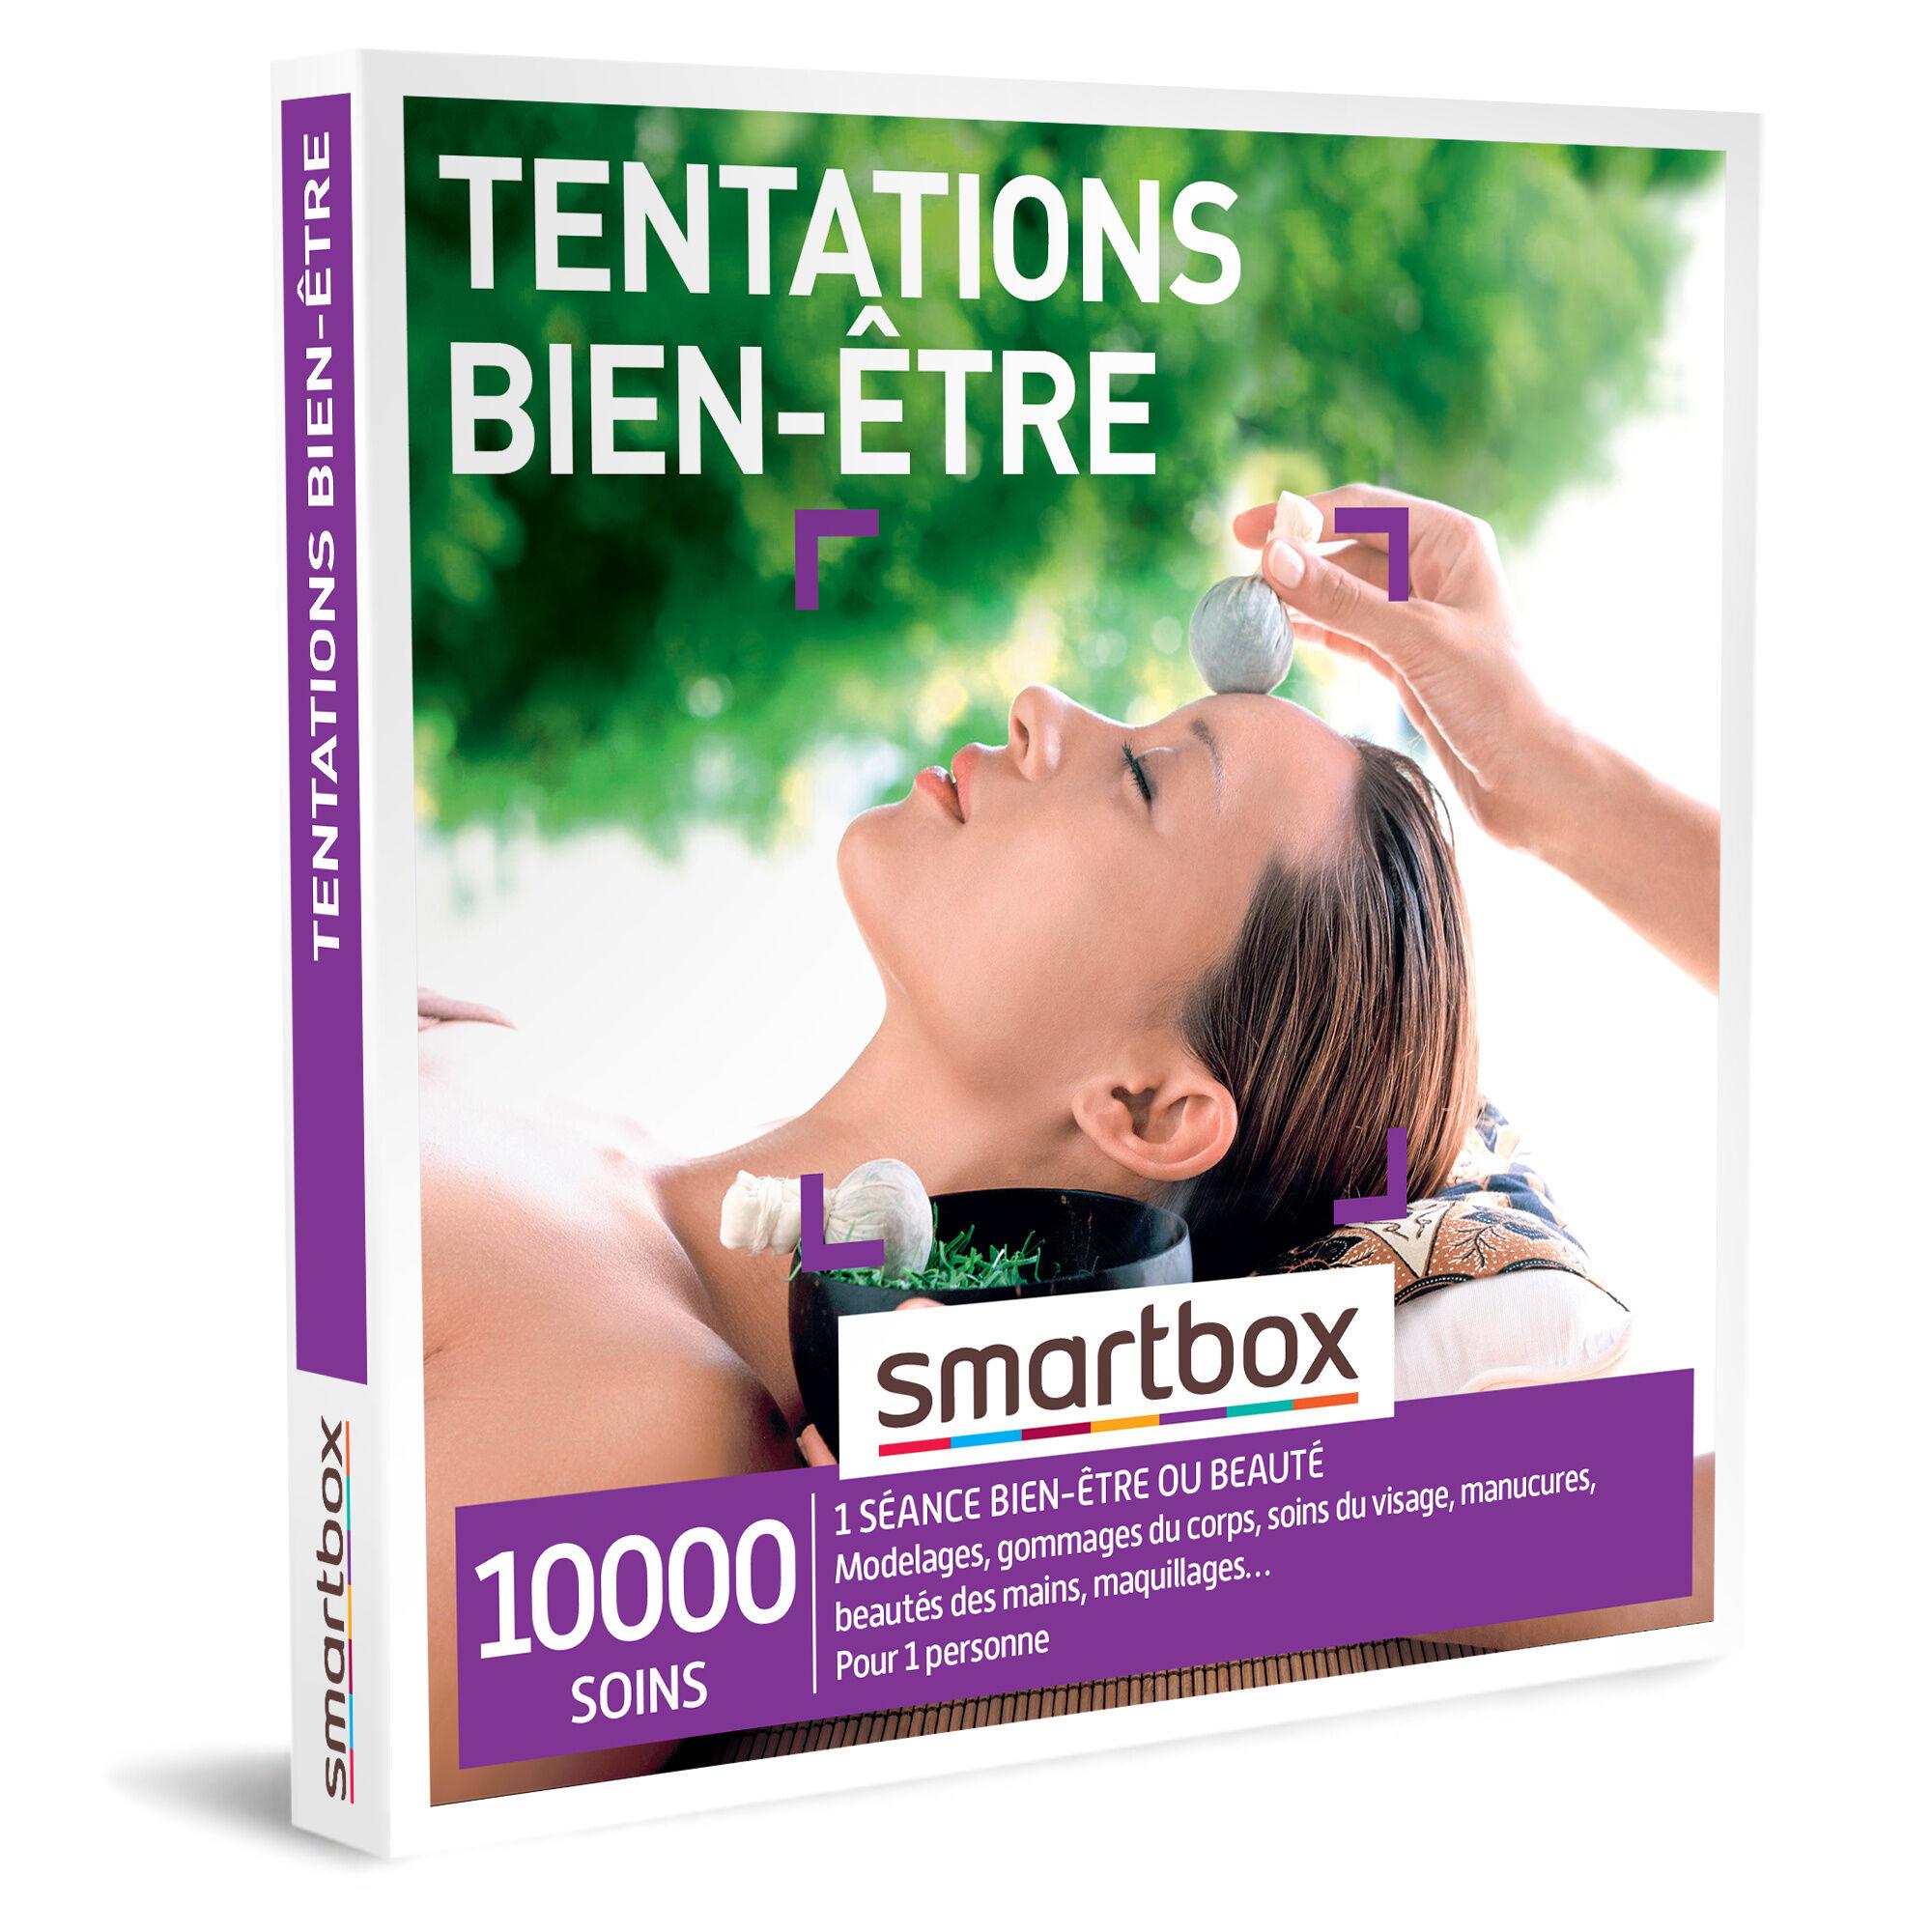 Smartbox Tentations bien-être Coffret cadeau Smartbox